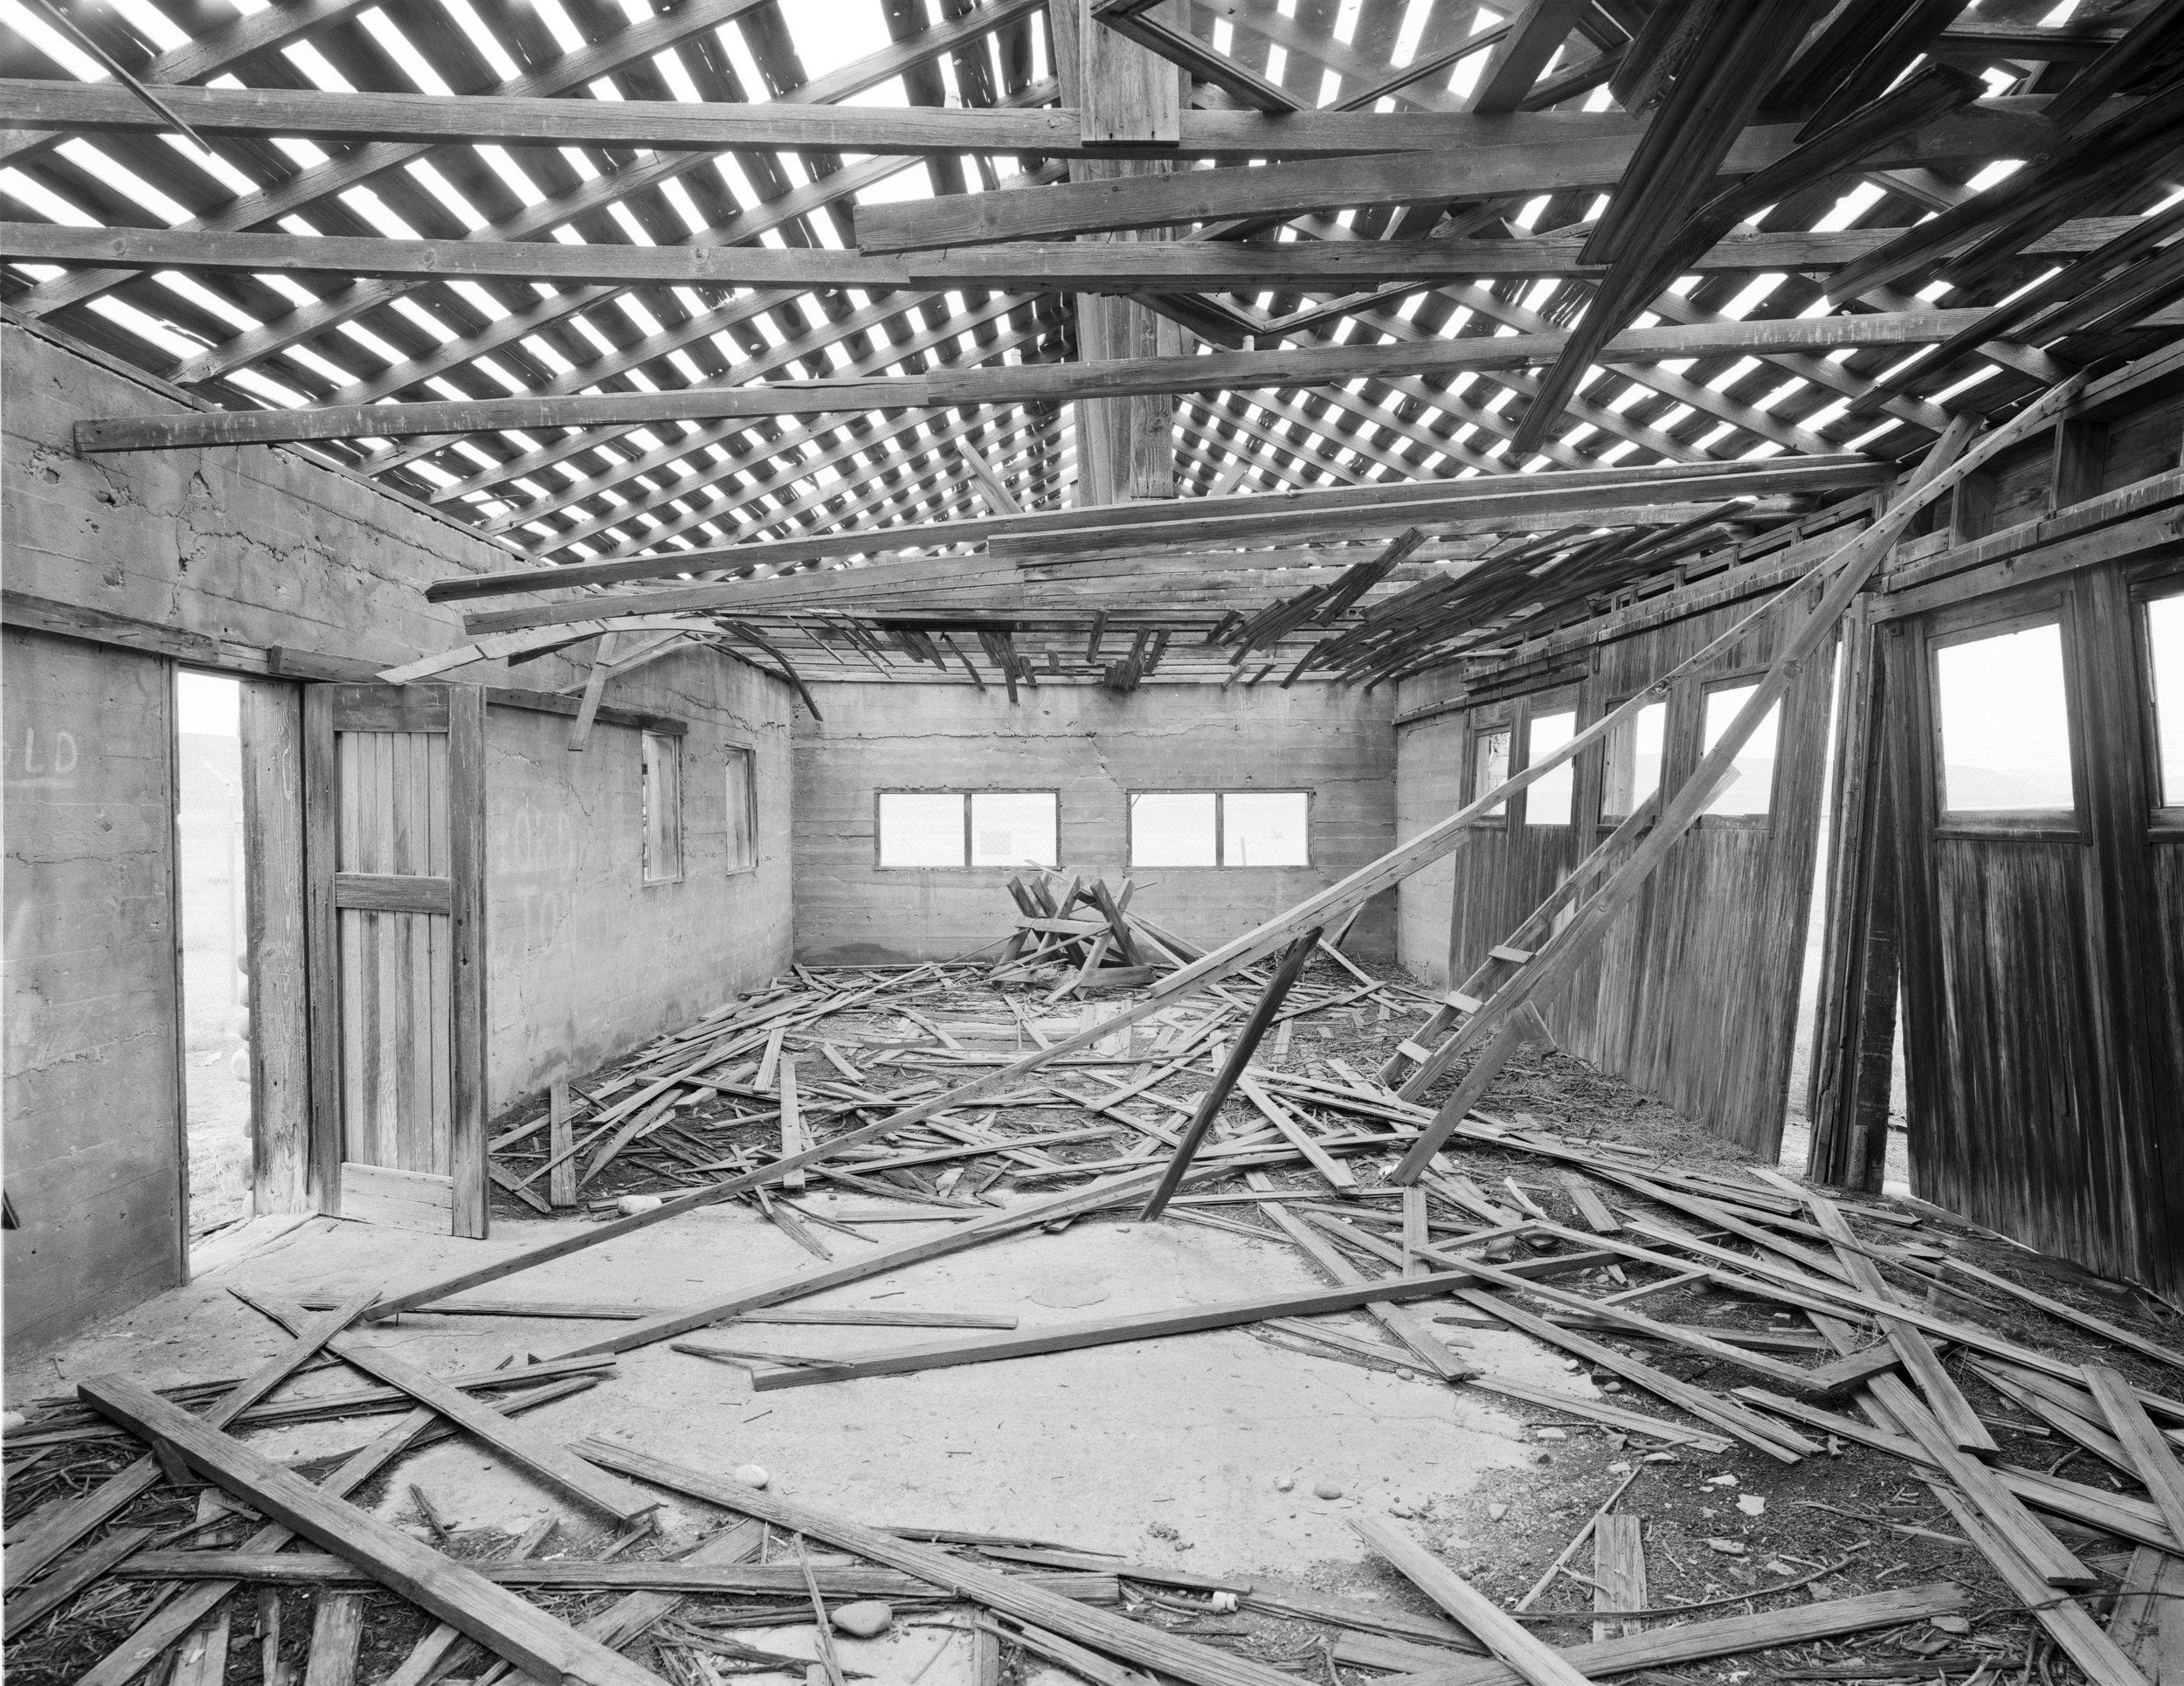 The Bruggemann Warehouse (1907)